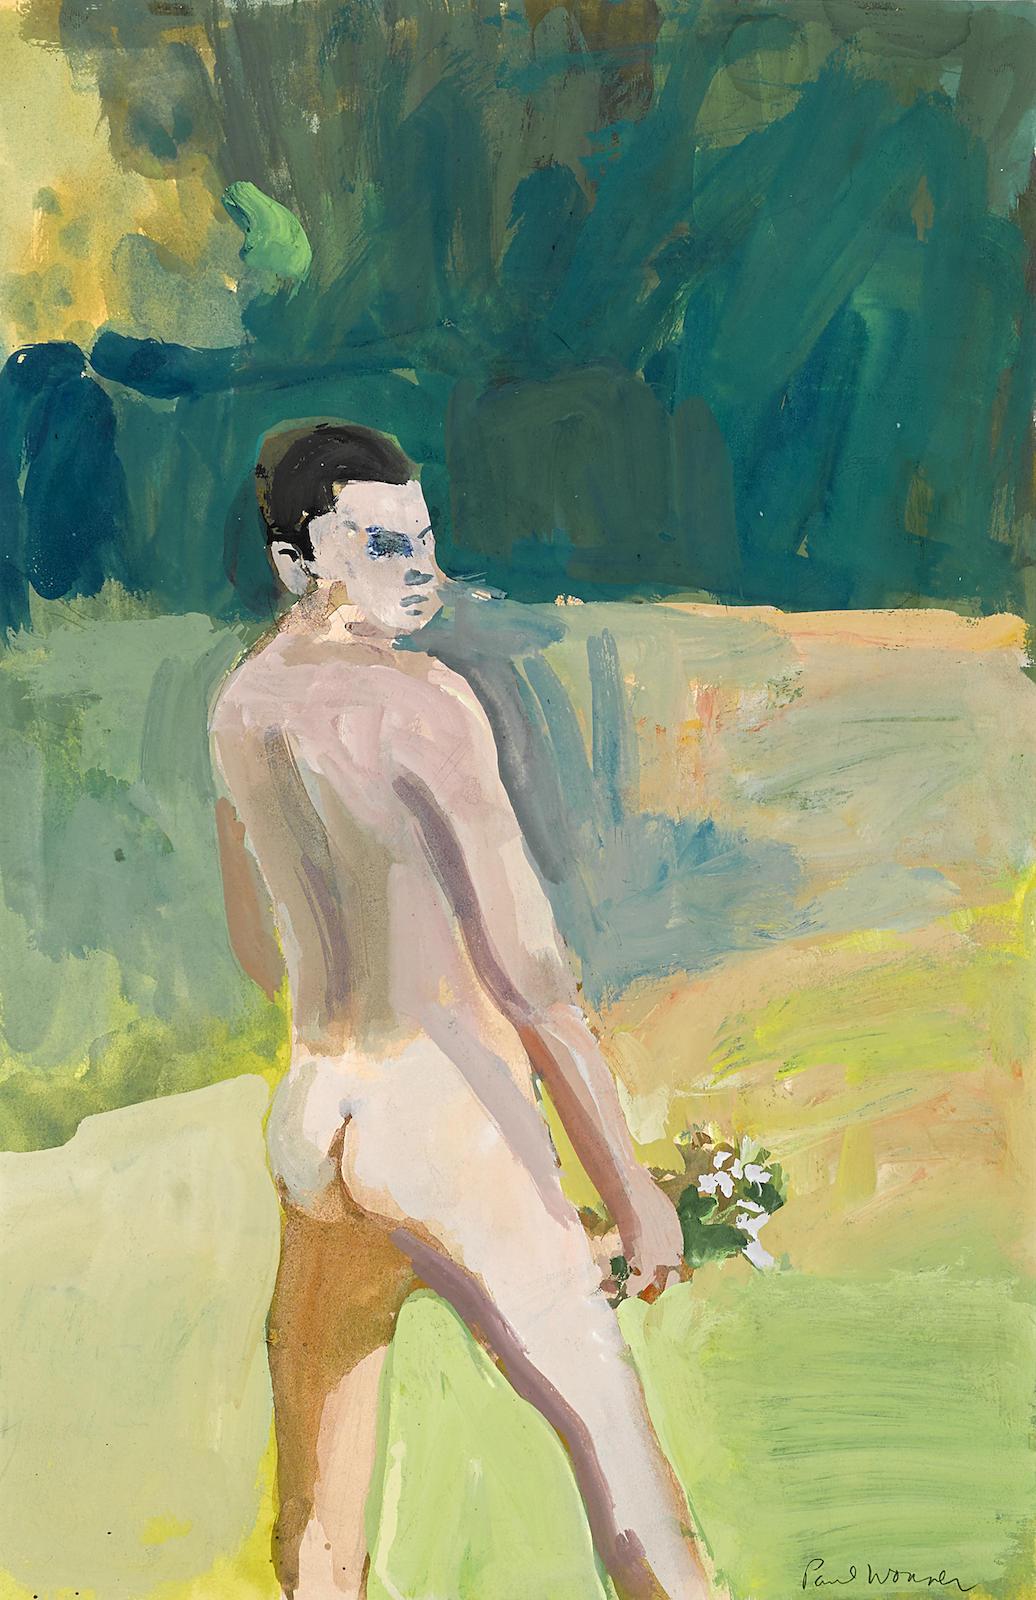 Paul Wonner-Portrait of a Man-